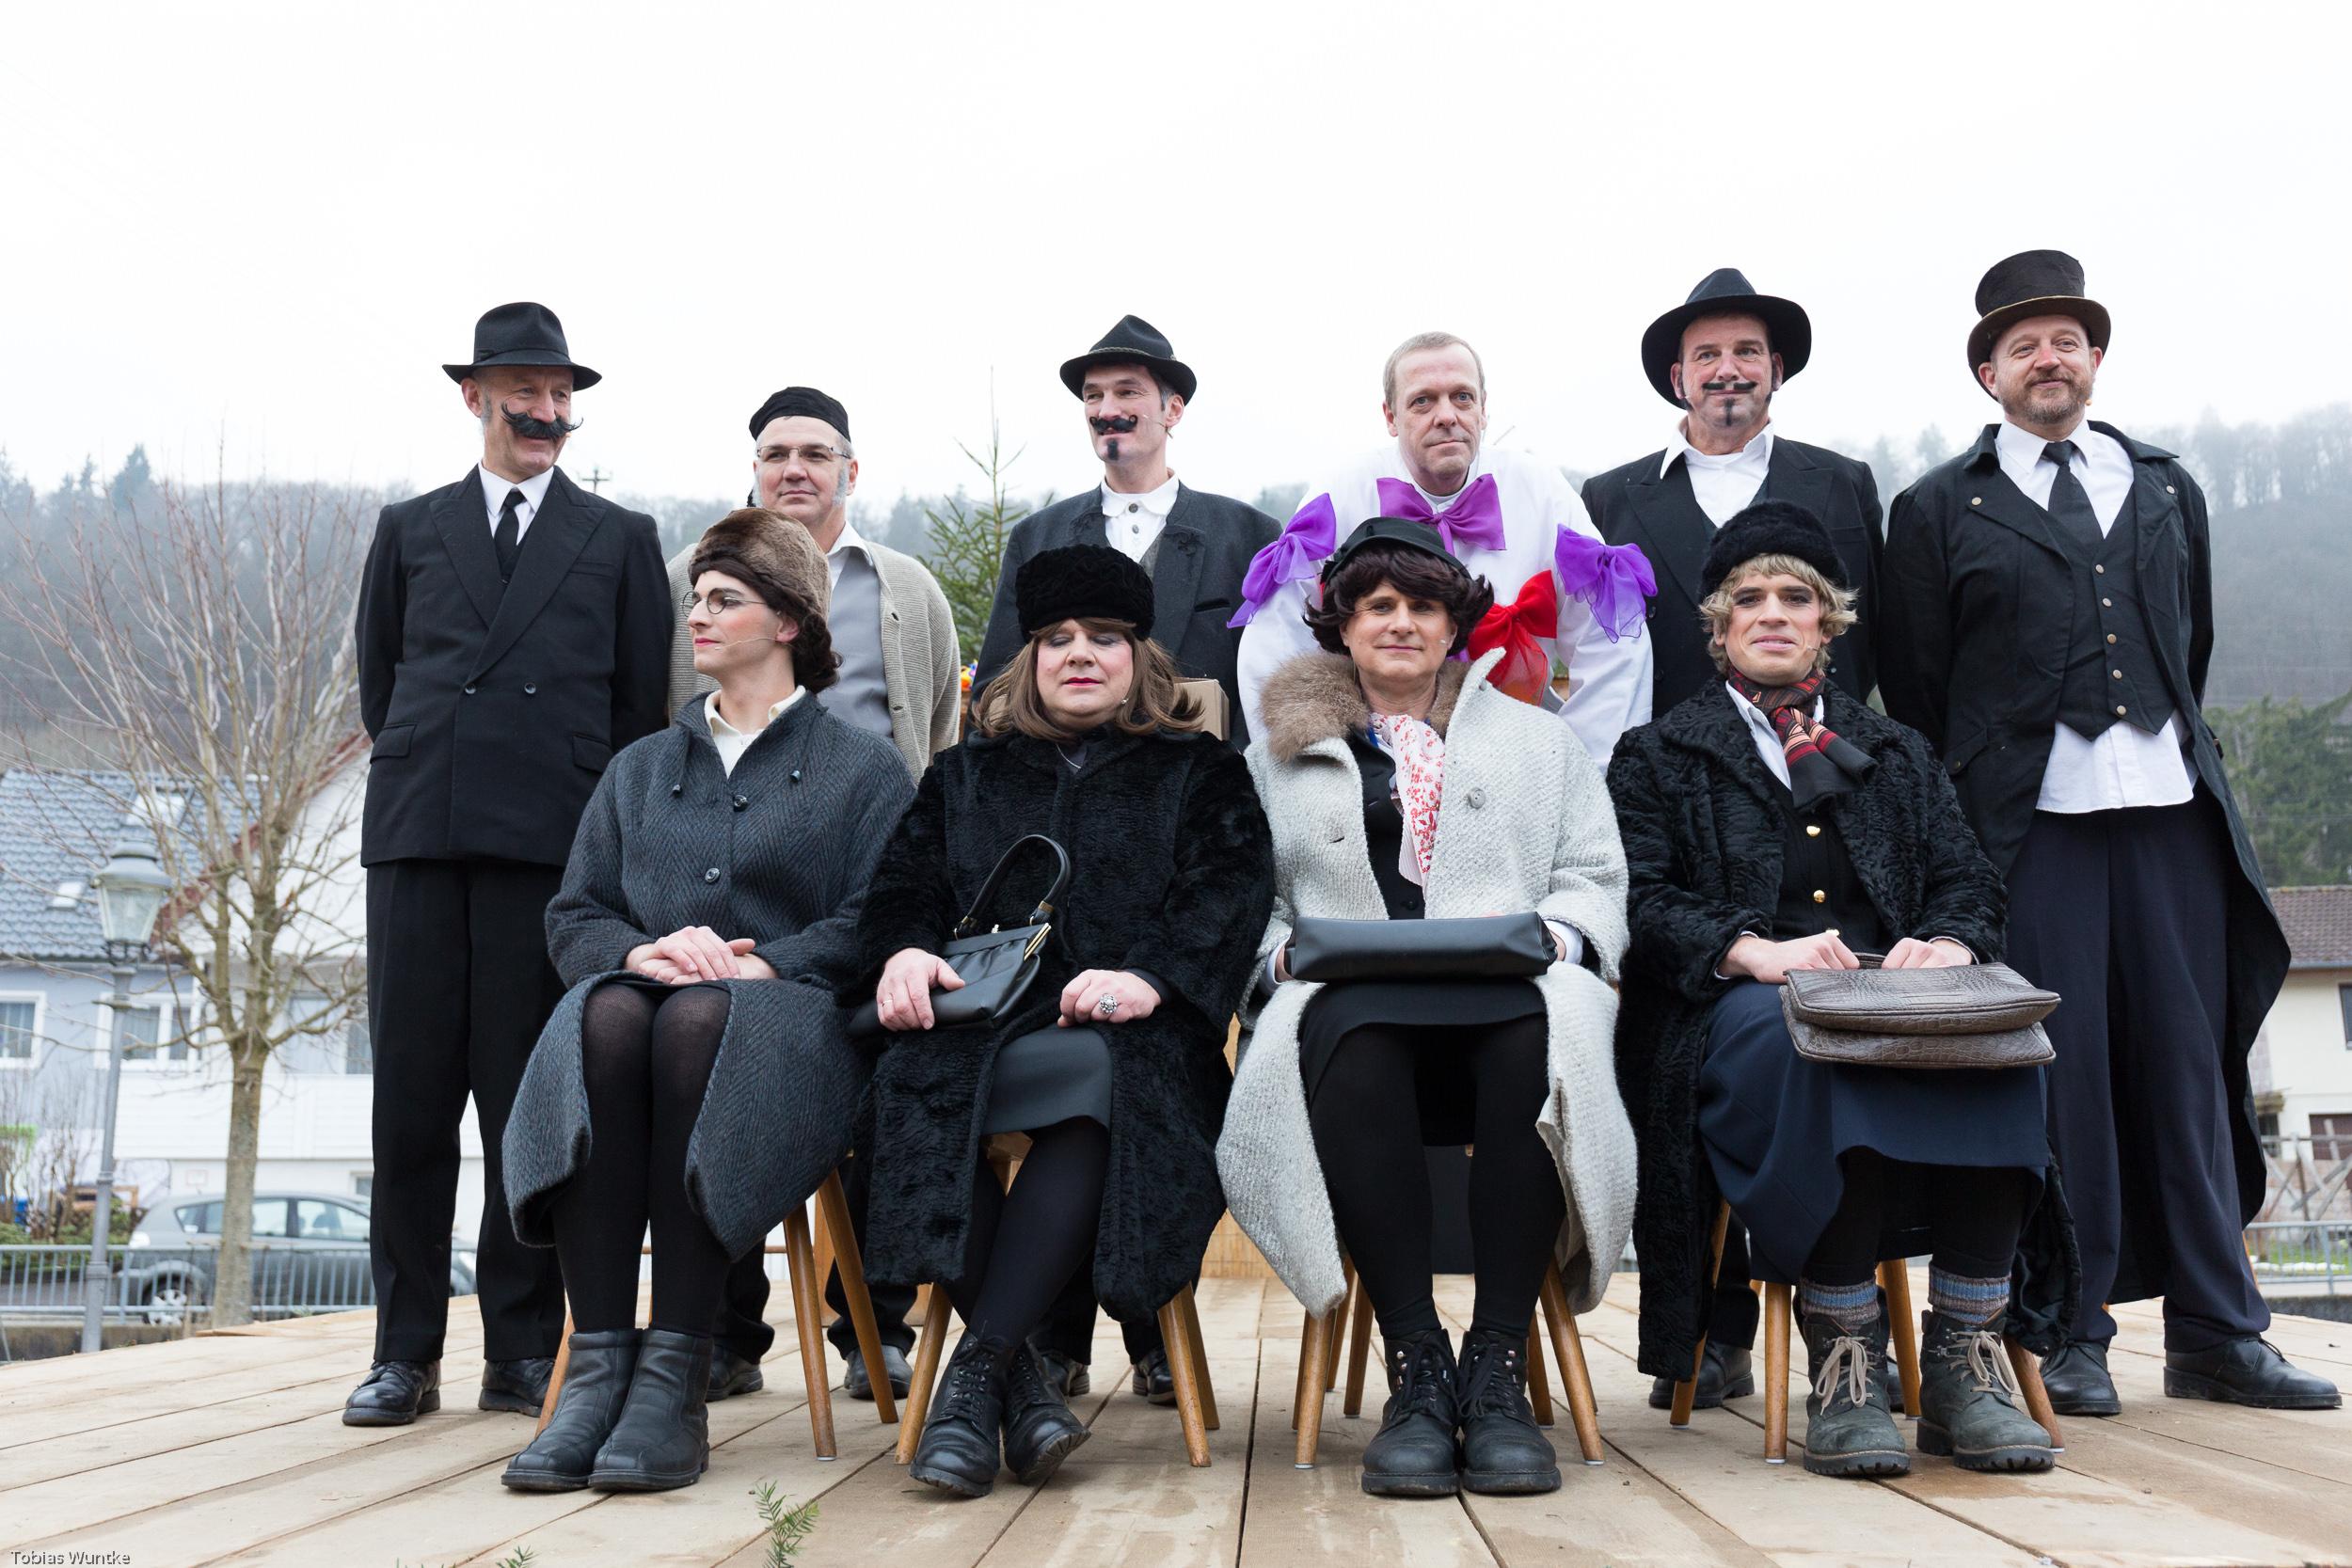 Die Teilnehmer des Burladinger Fasnetsspiels 2018 in einem Gruppenfoto nach dem Ende des Stückes.